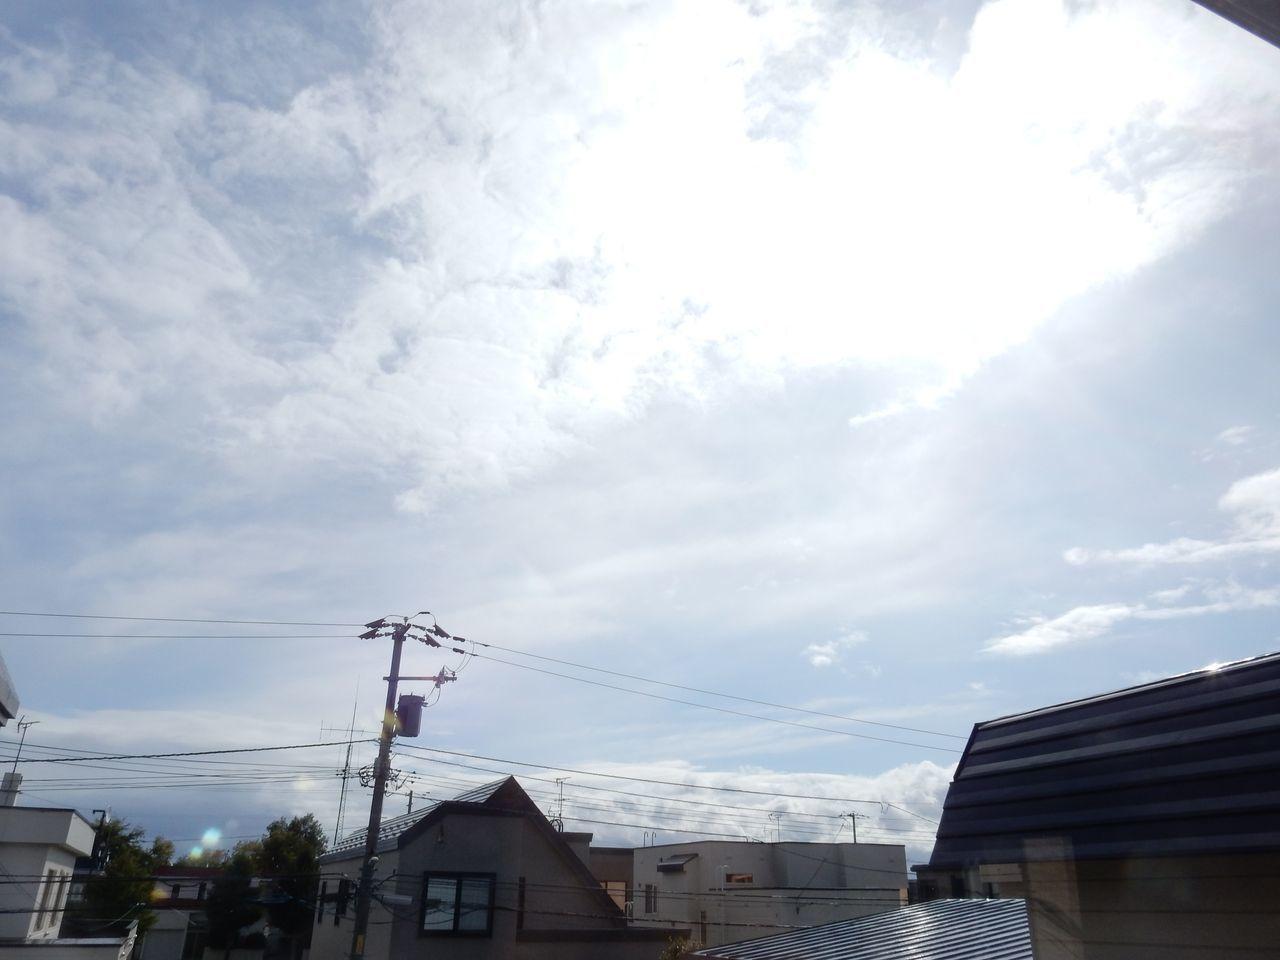 朝寒く、昼もそれなりに寒く_c0025115_21562520.jpg